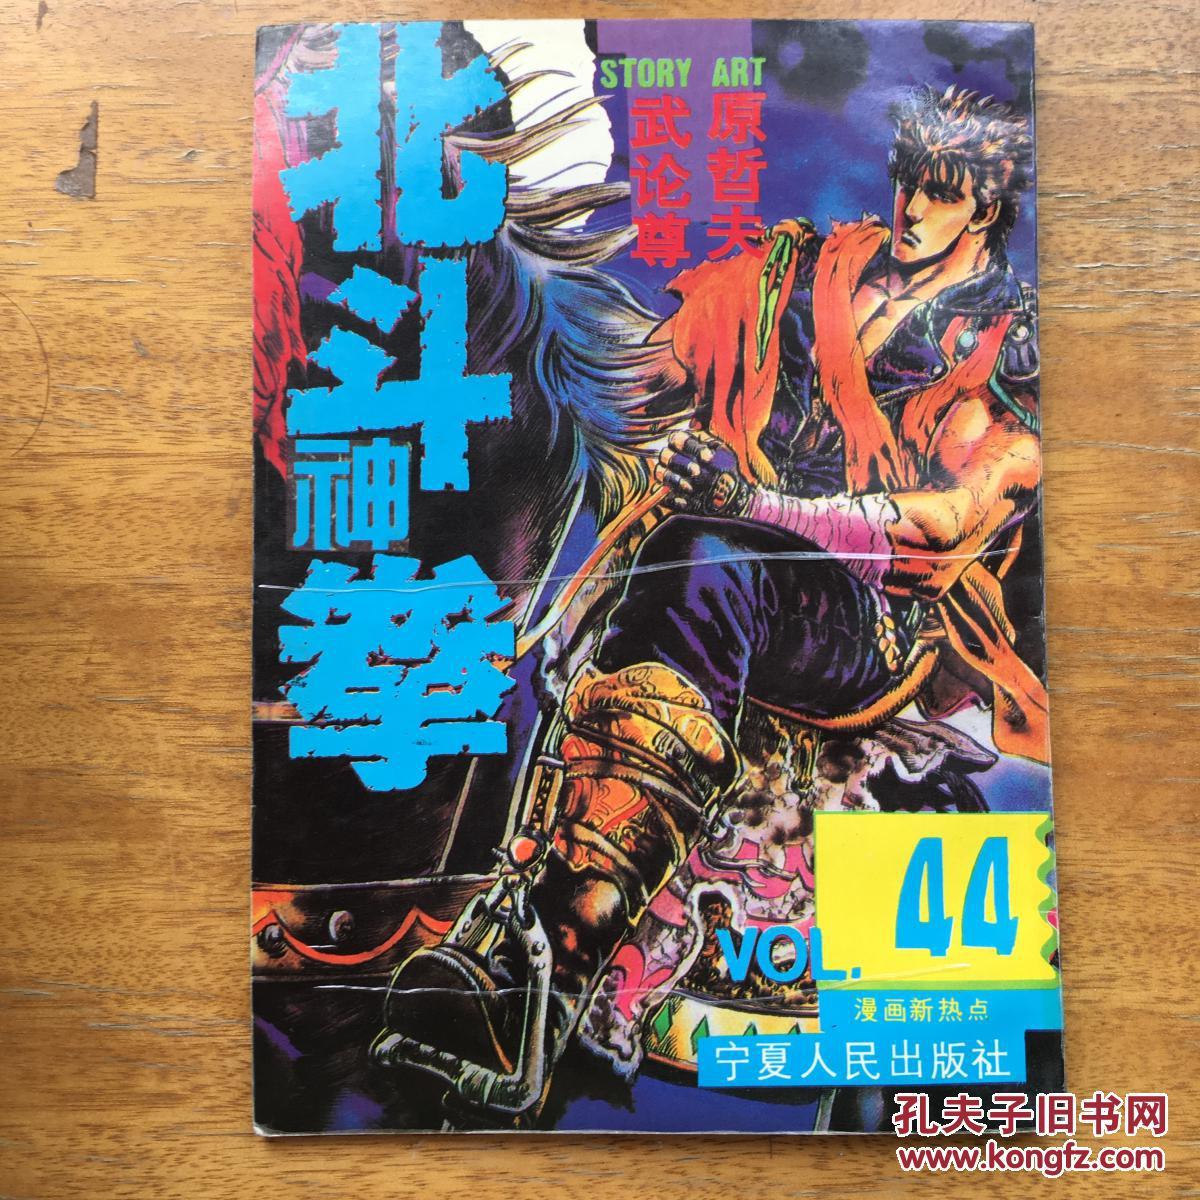 本子神拳44全彩工漫北斗画库口图片